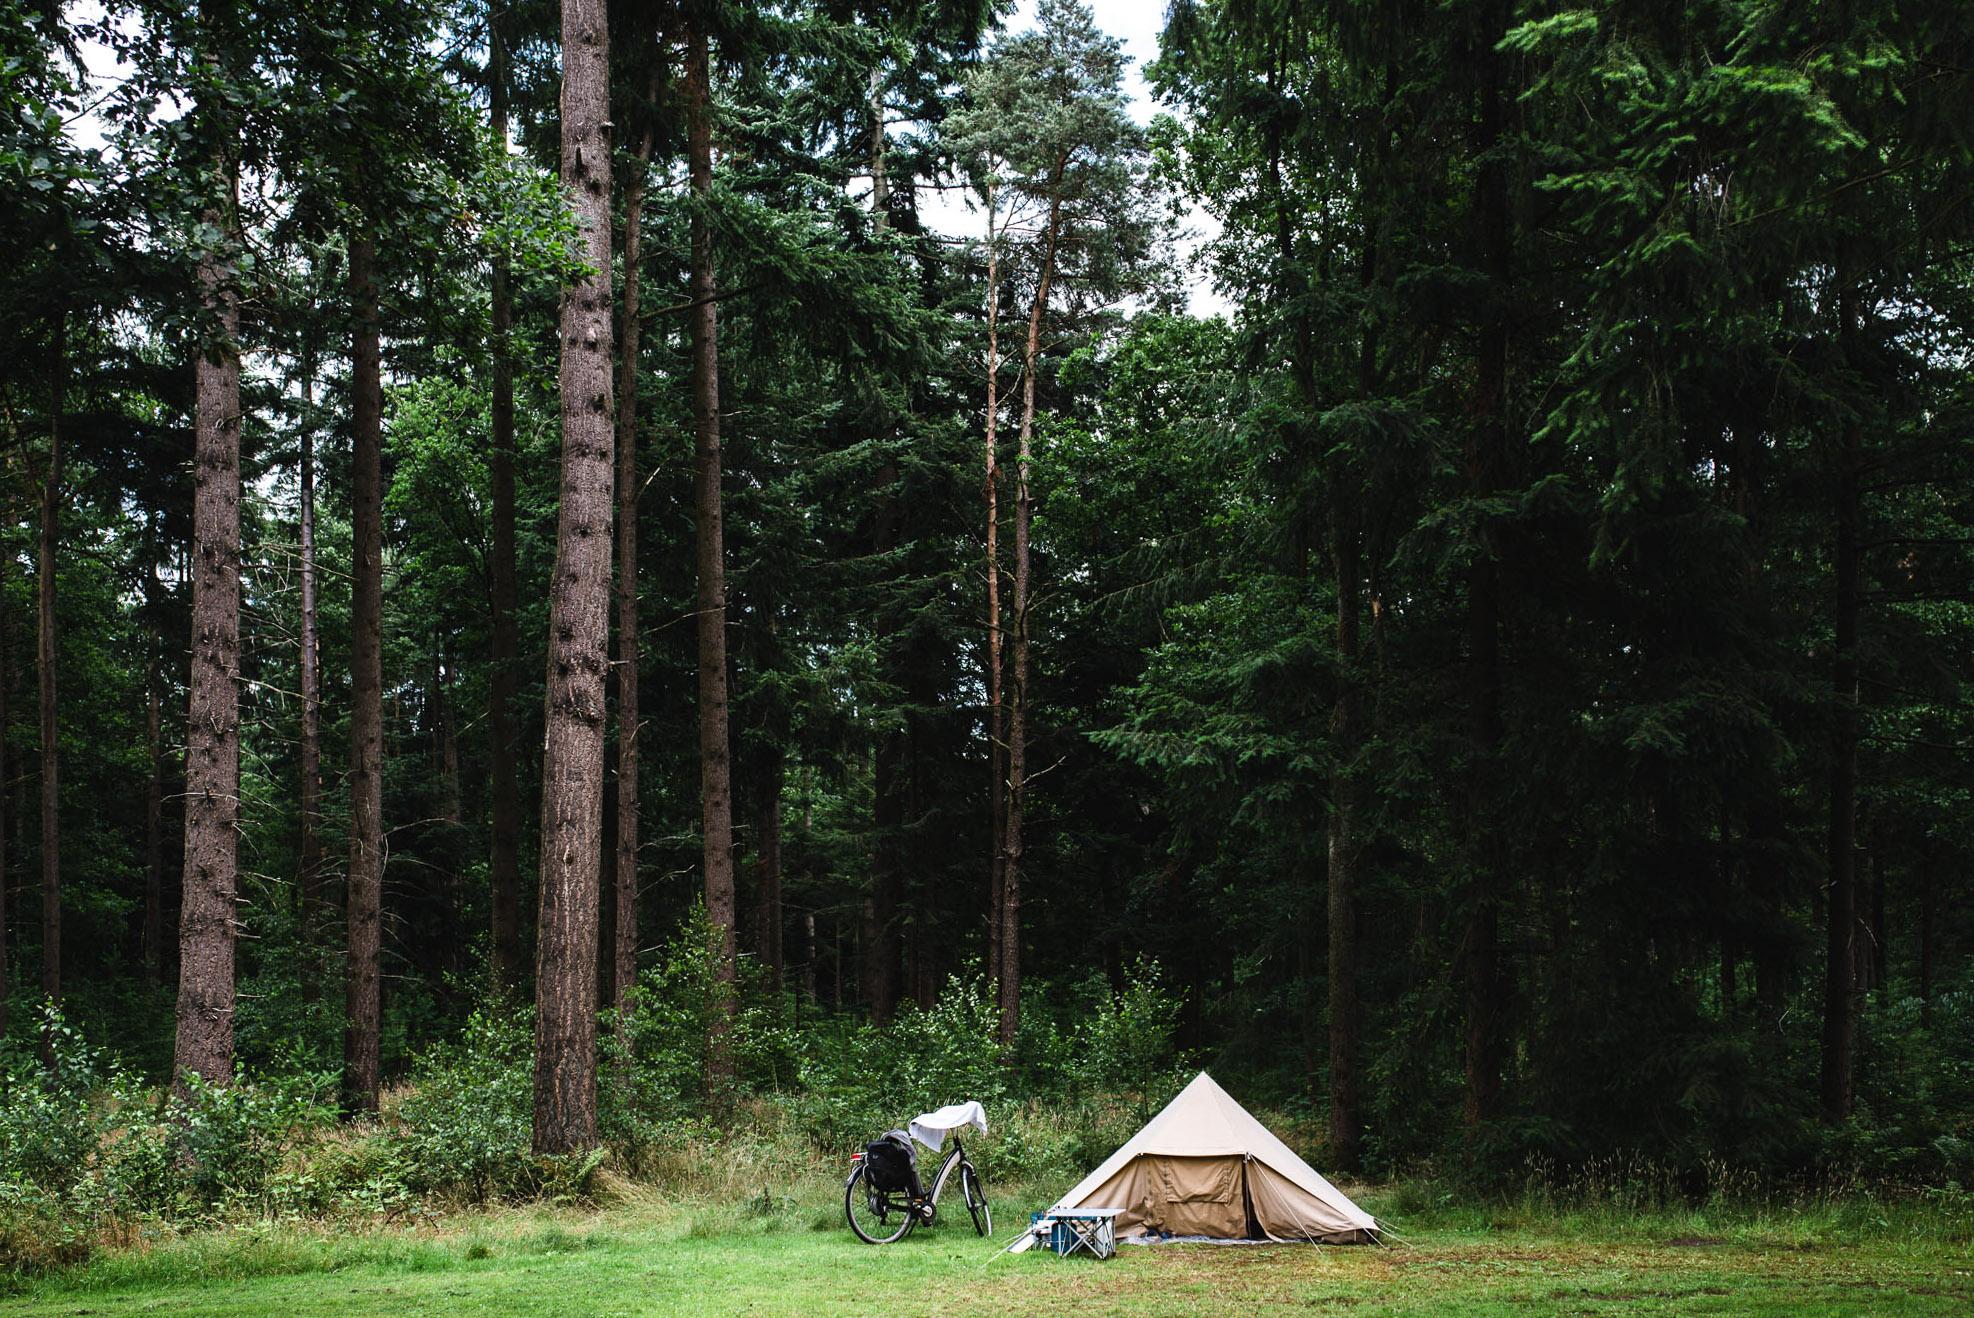 05 van 09 - rustige plekken waar ik wil kamperen - 8271